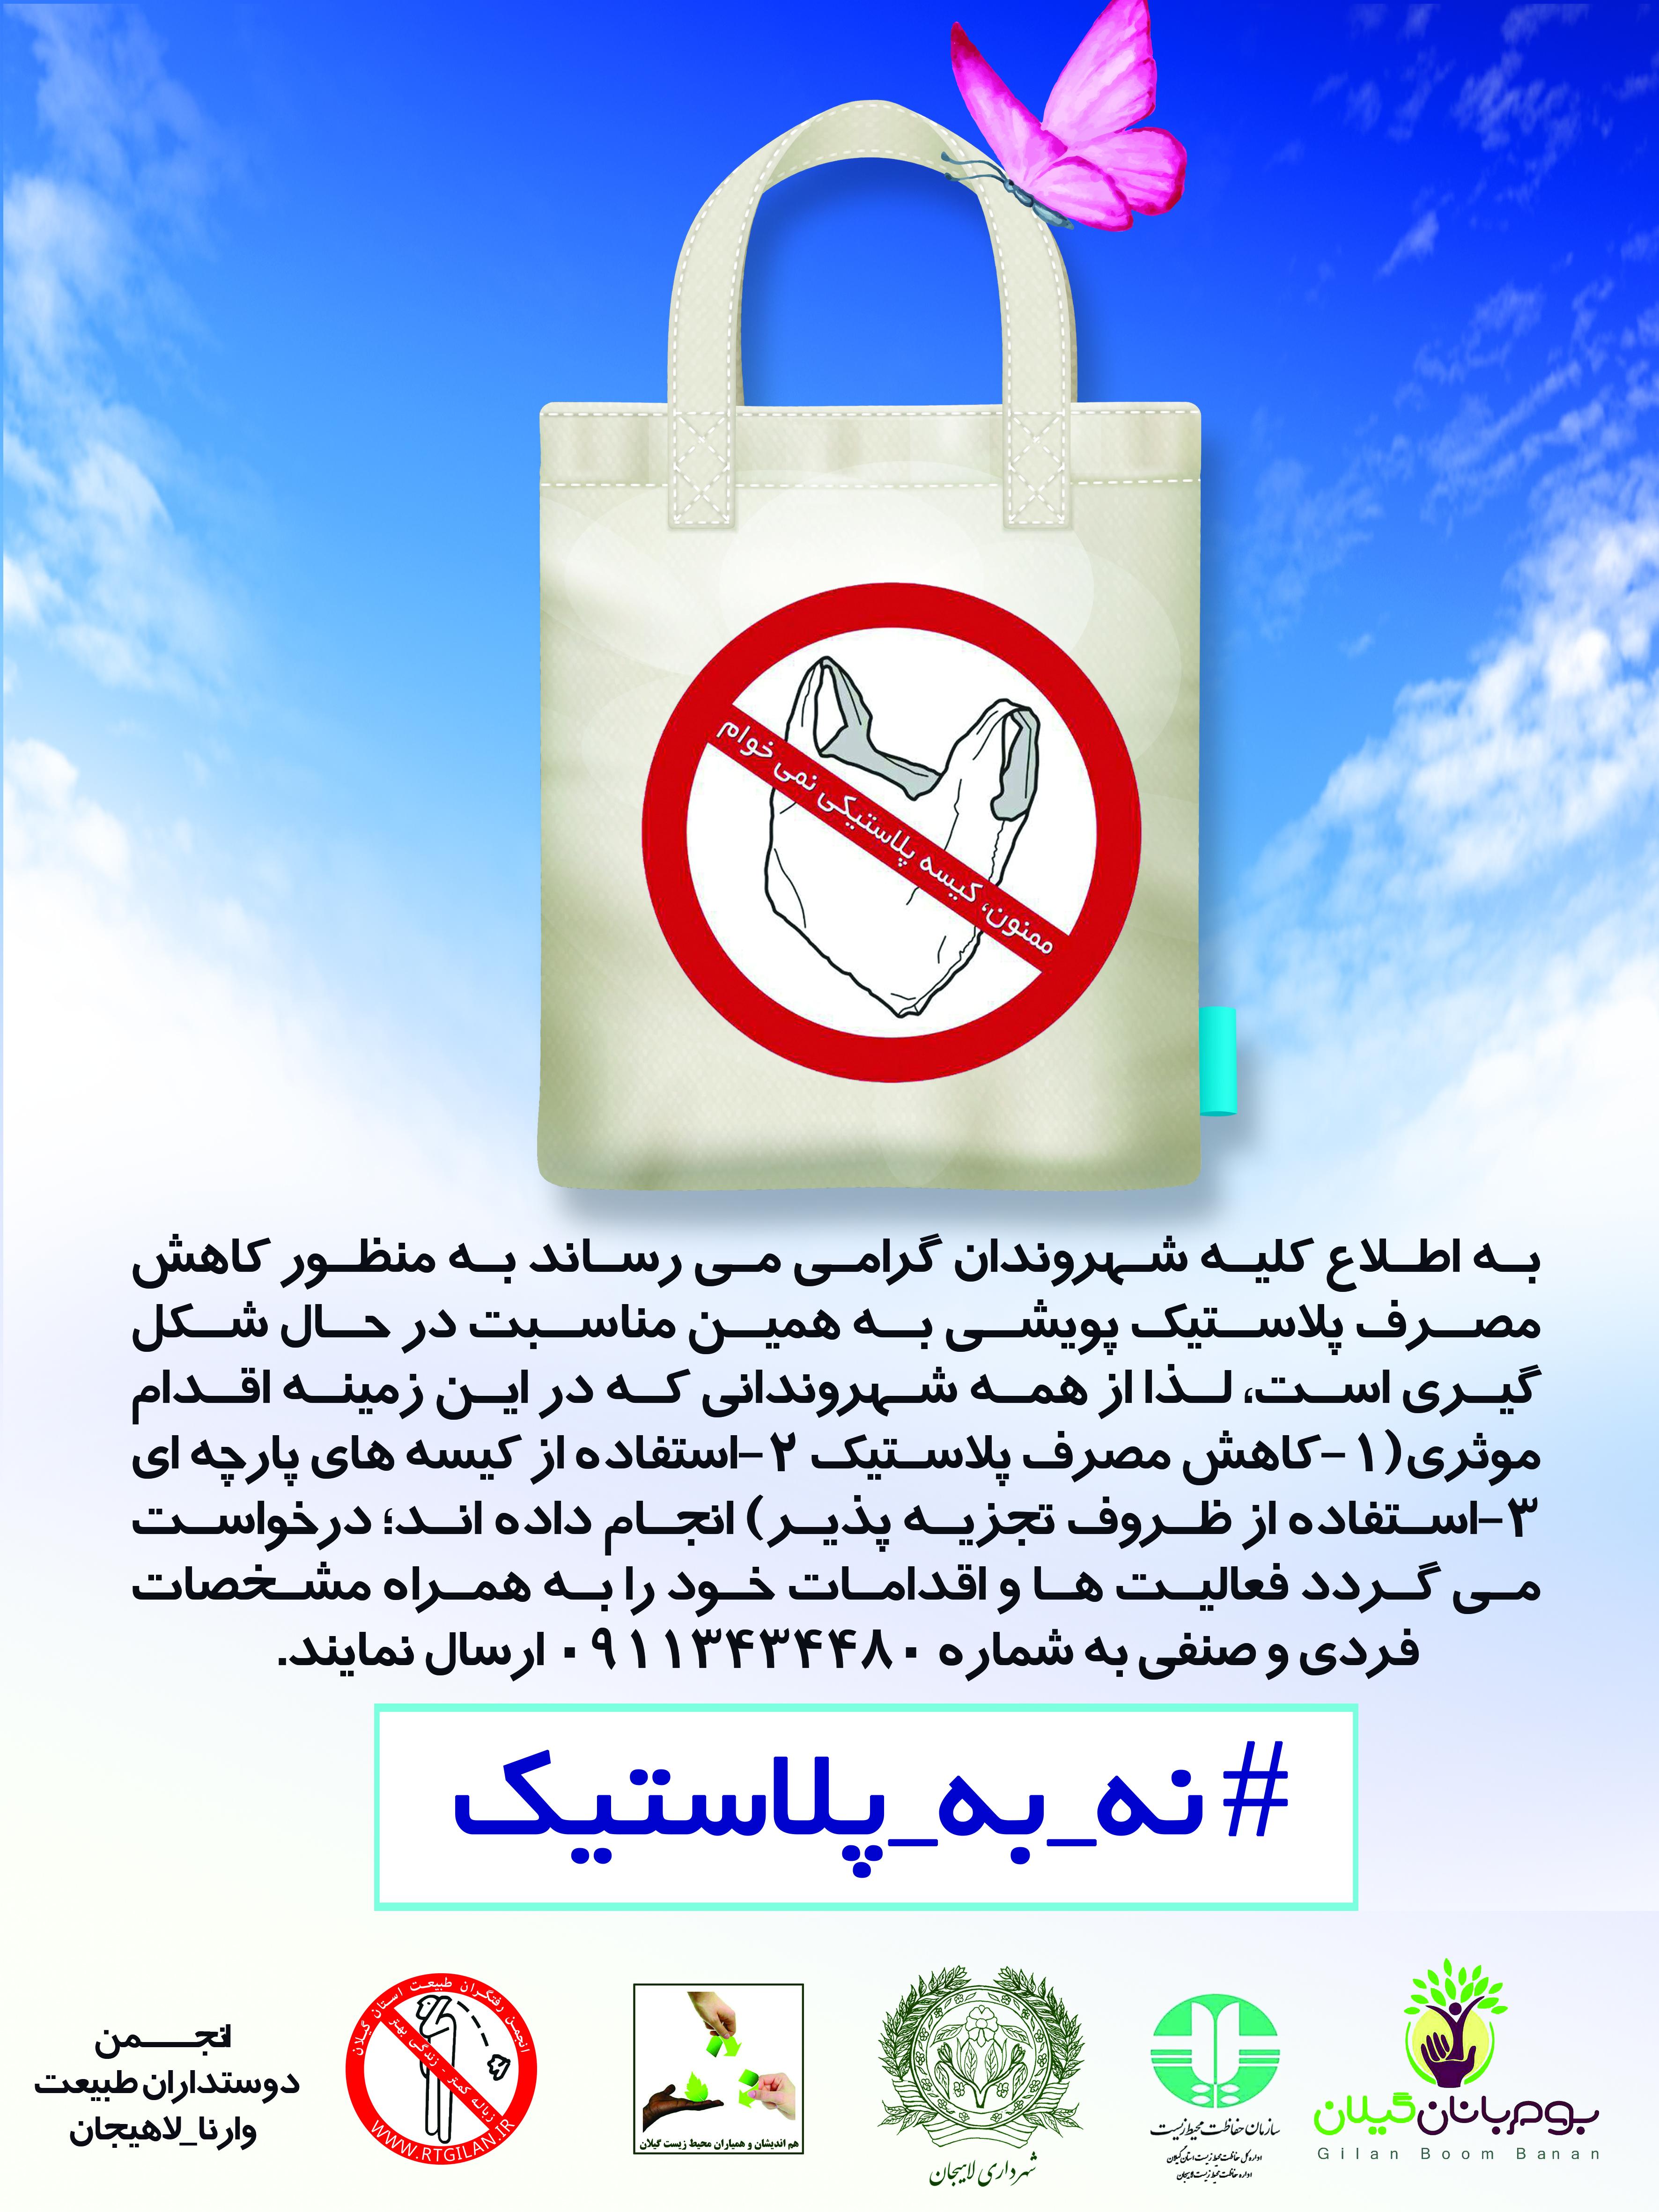 فهرست همراهان پویش #نه_به_پلاستیک در شهرستان لاهیجان…